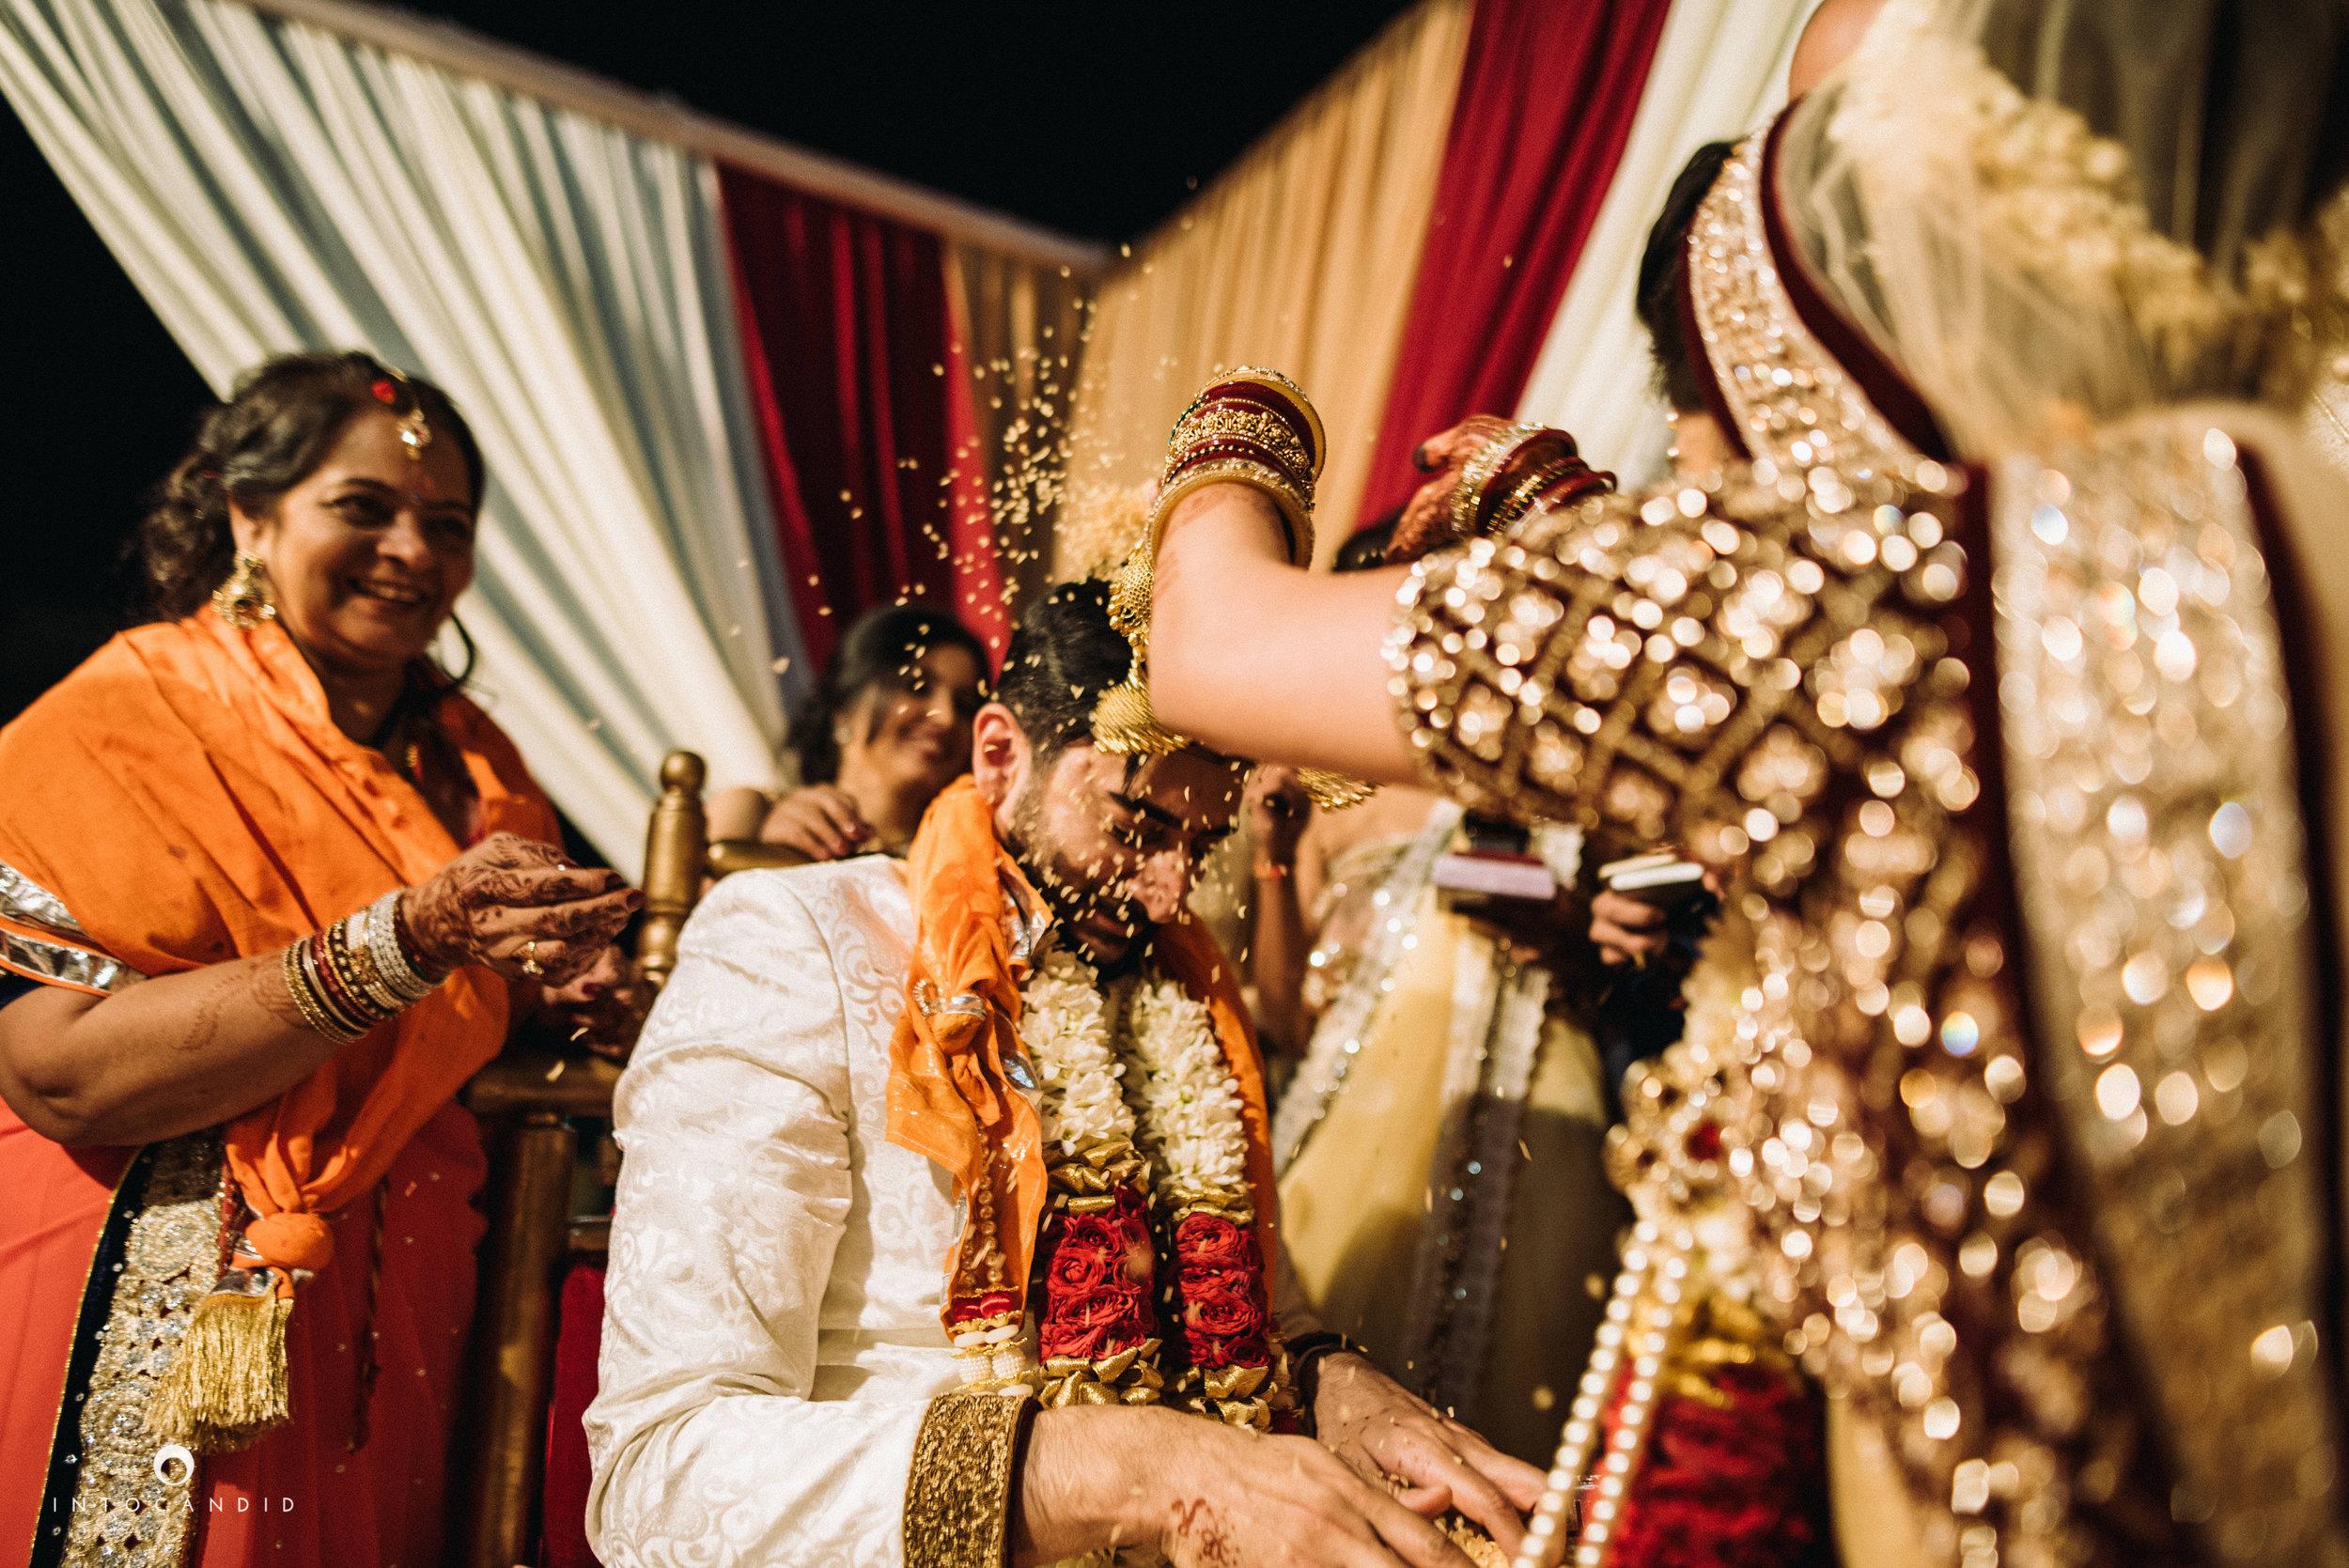 Dubai_Wedding_Photographer_53.JPG